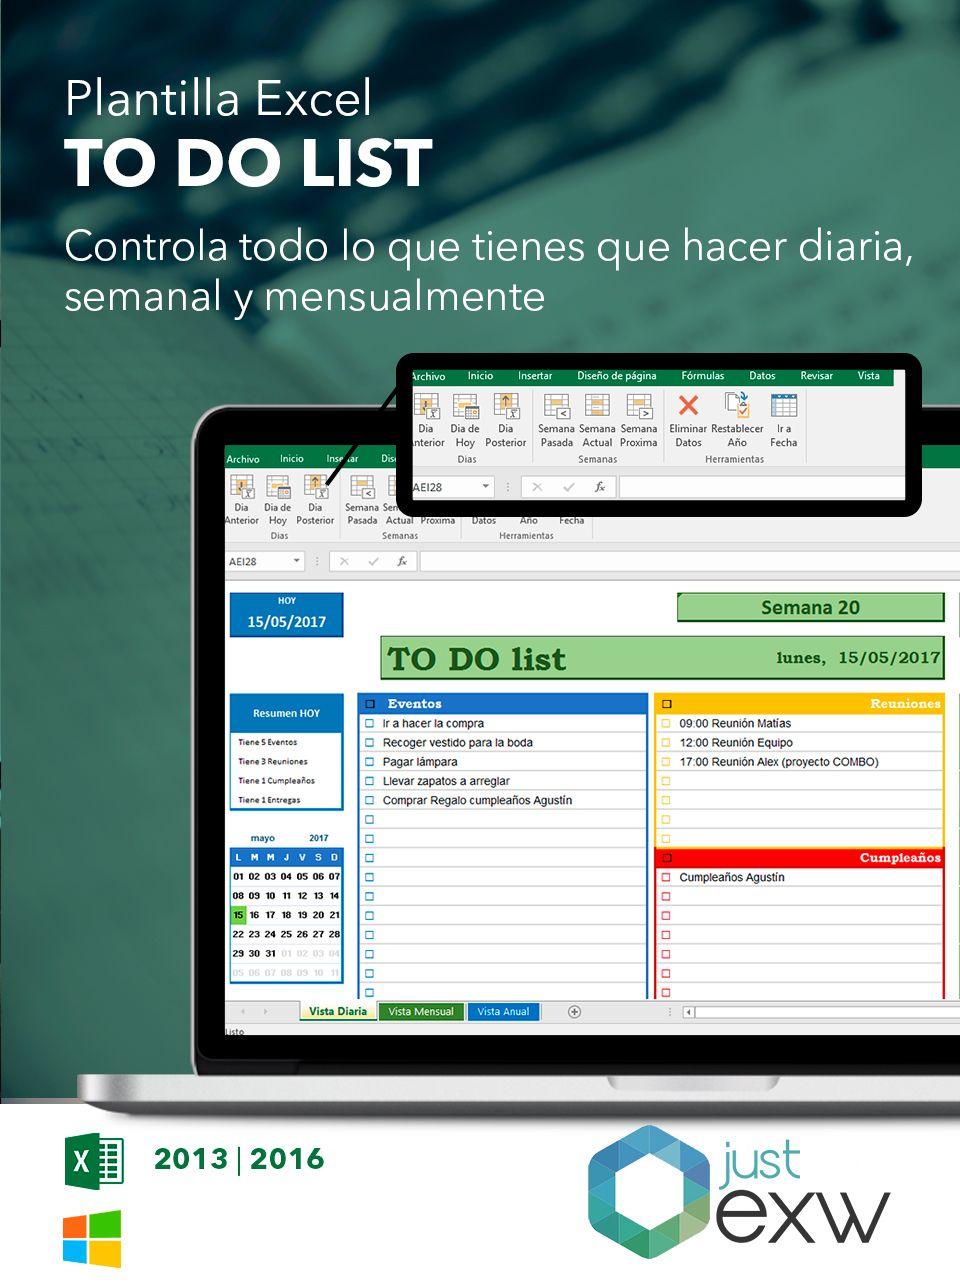 Plantilla de lista de compra en Excel | Plantilla para descargar